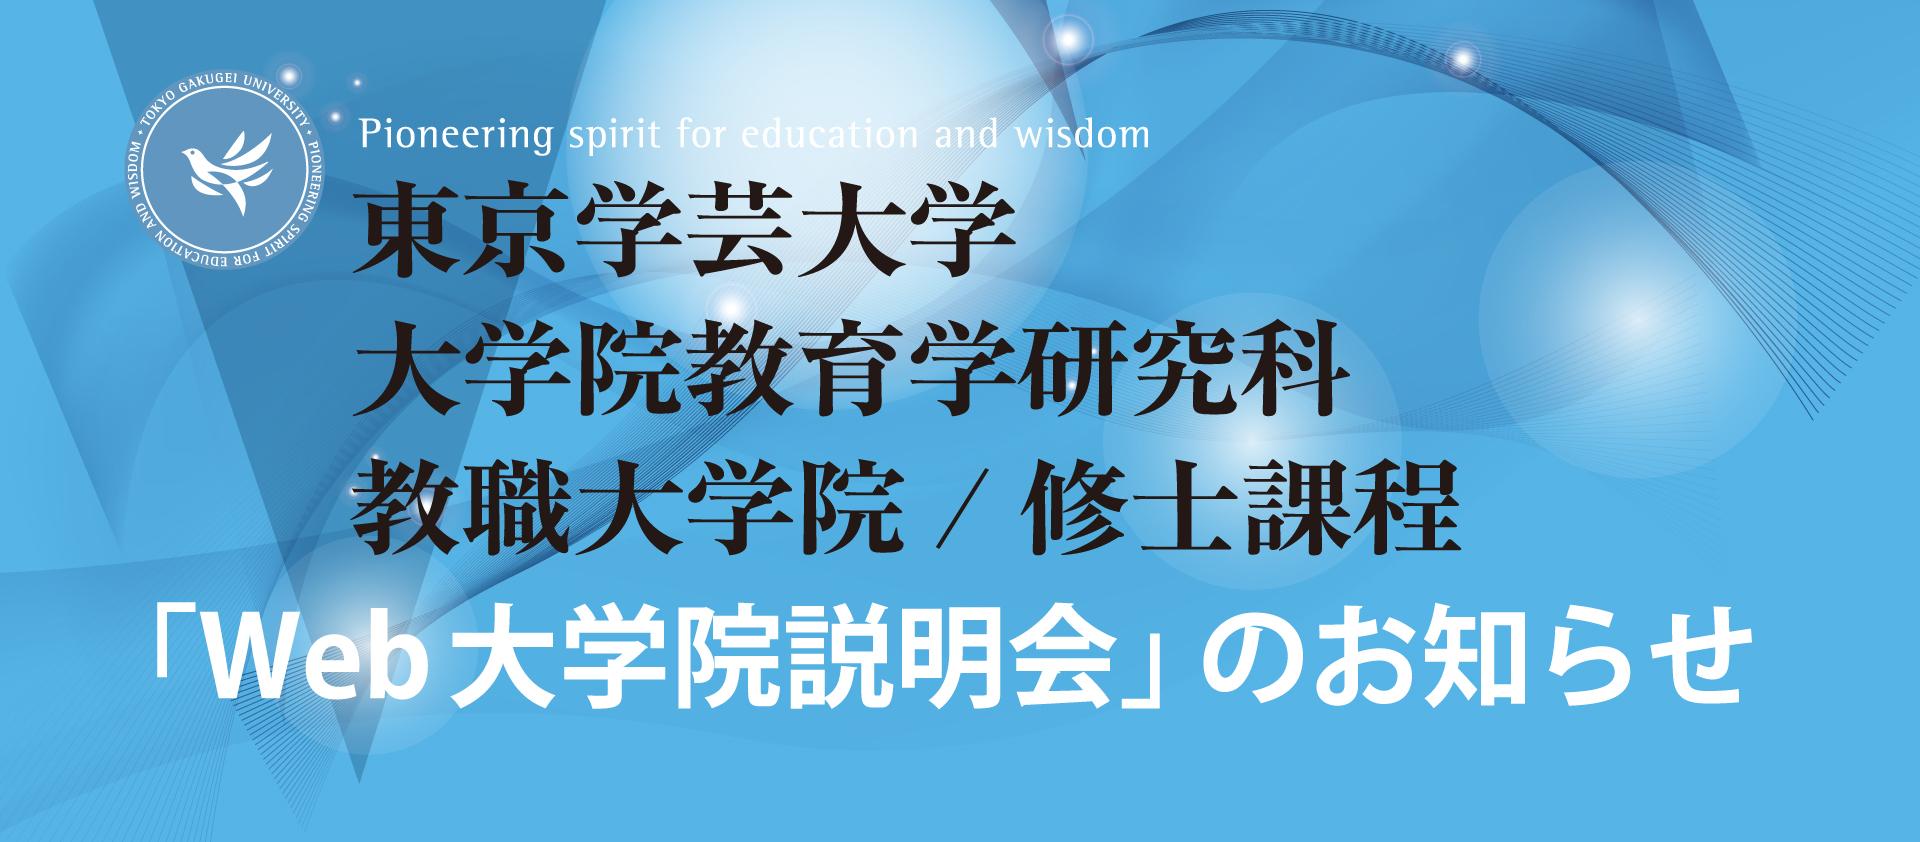 東京学芸大学 大学院教育学研究科 教職大学院/修士課程 「WEB大学院説明会」のお知らせ